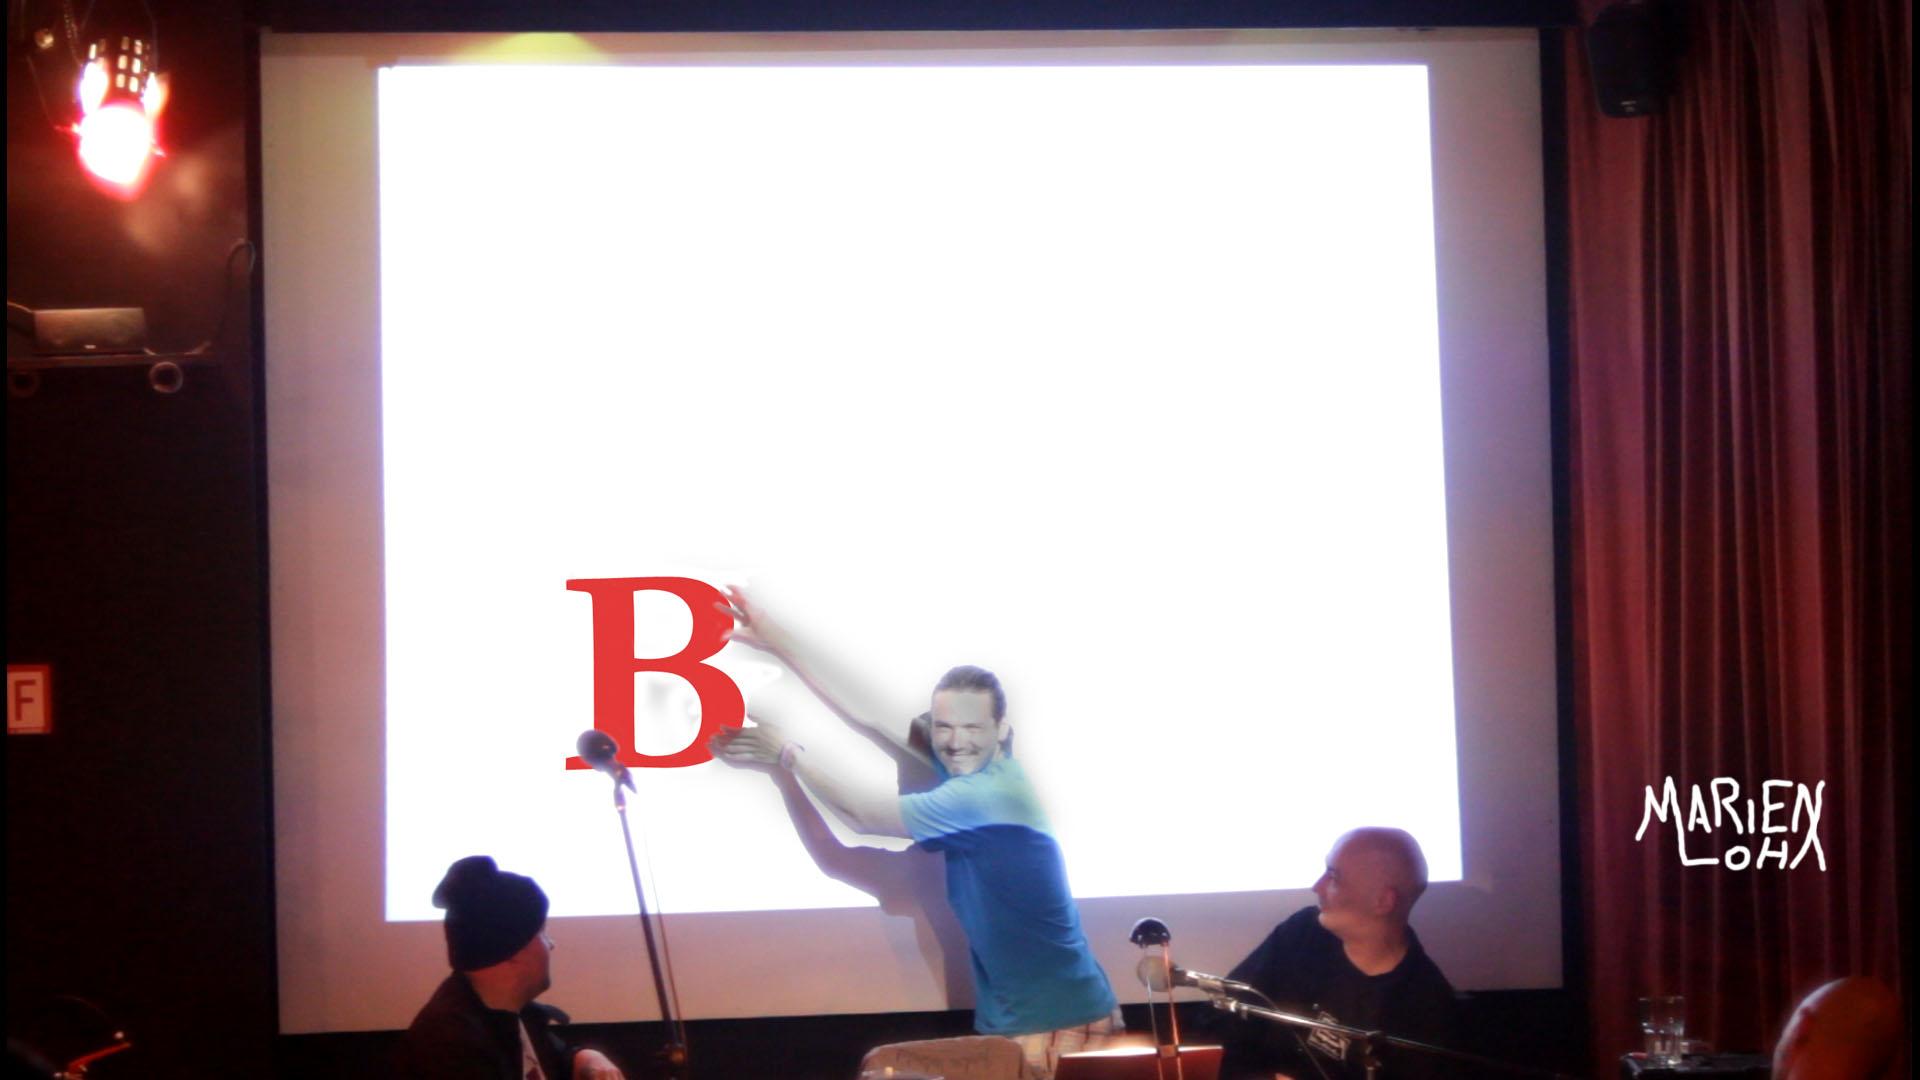 Marien Loha - Videorätselbild 1.3